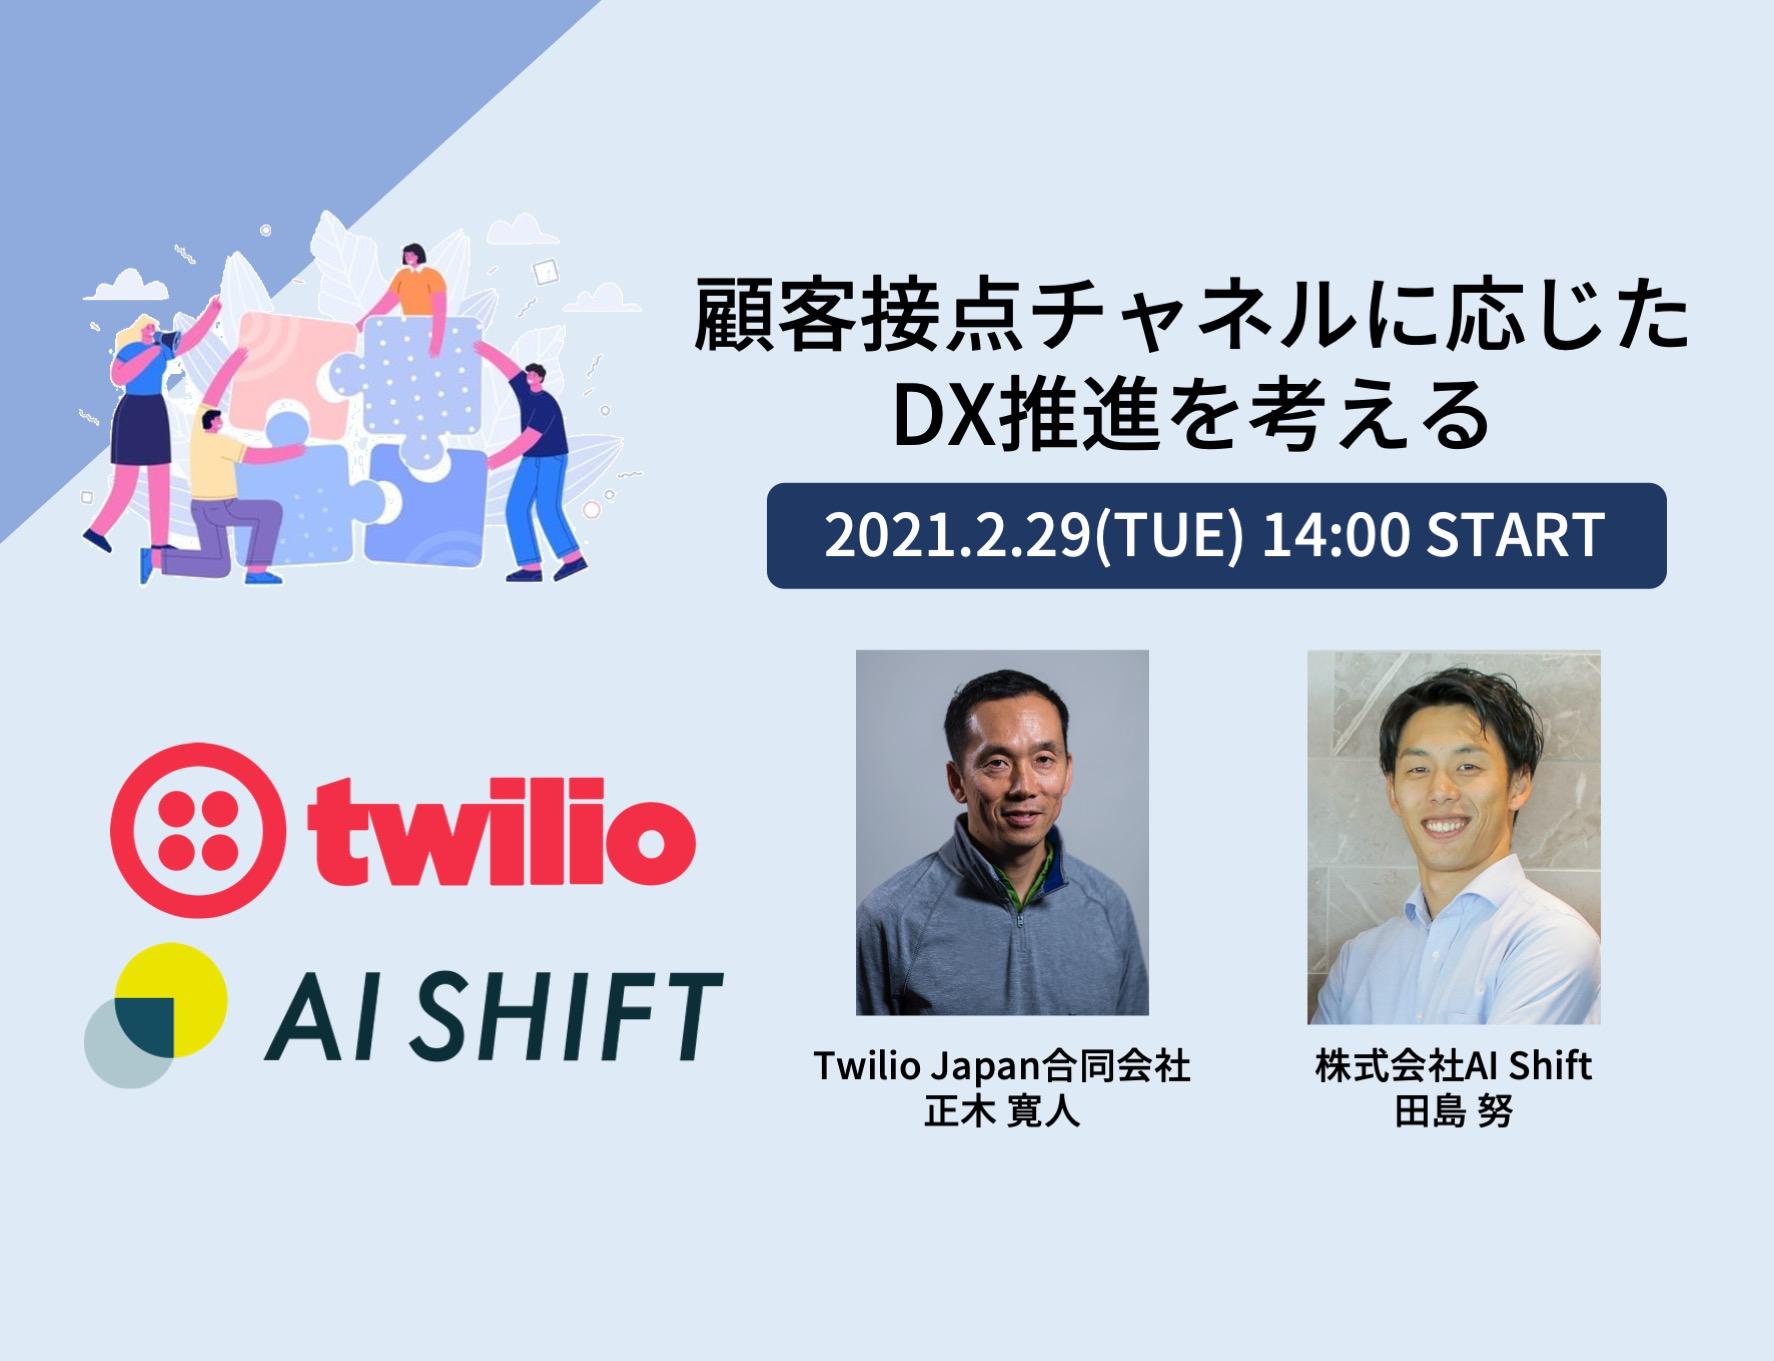 【6月29日(火)開催|オンライン共催セミナー】顧客接点チャネルに応じたDX推進を考える